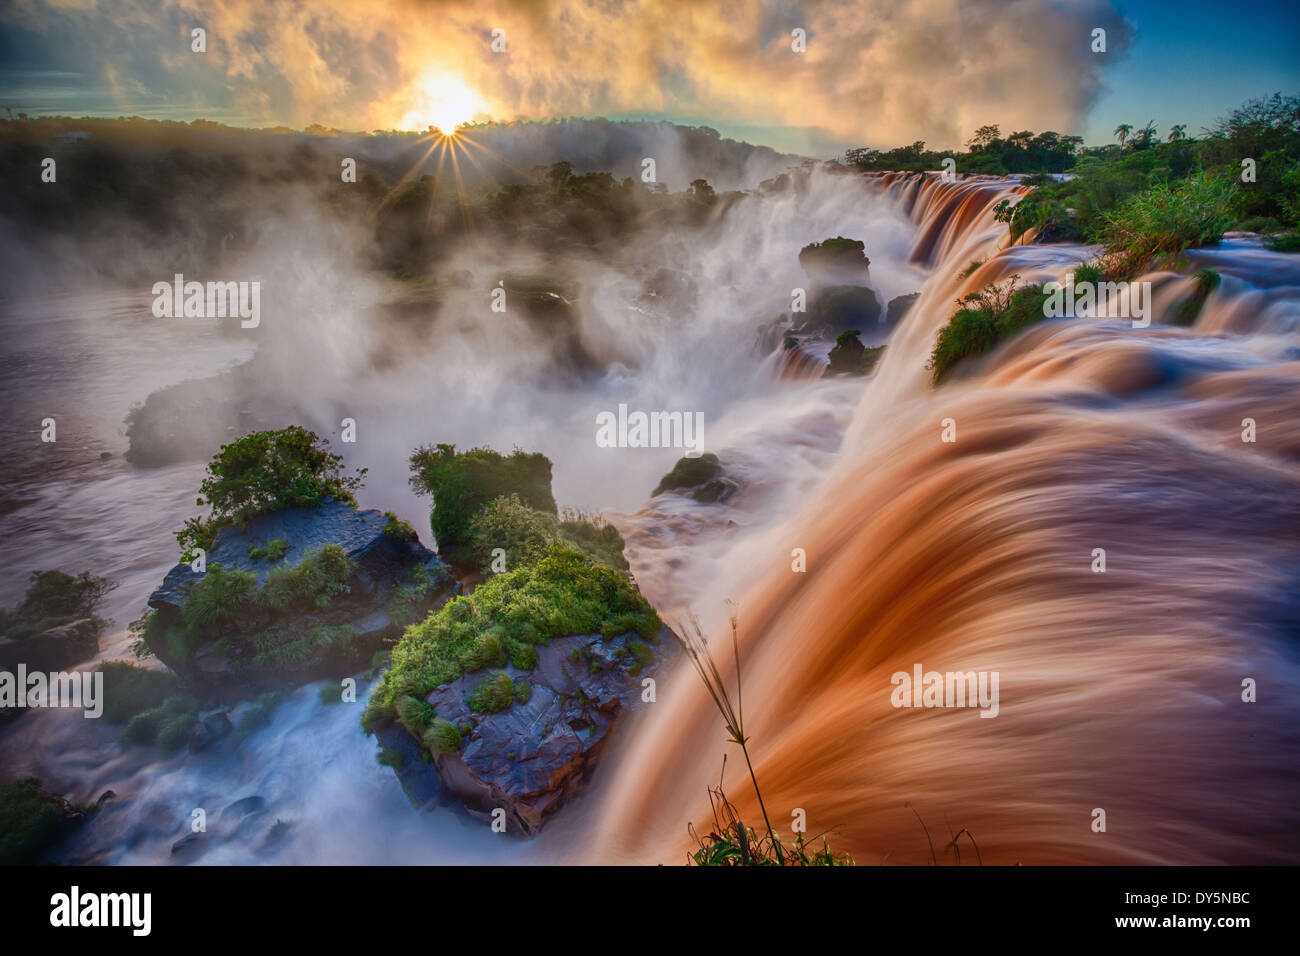 Las Cataratas del Iguazú son las cascadas del río Iguazú, en la frontera de Argentina y Brasil Imagen De Stock